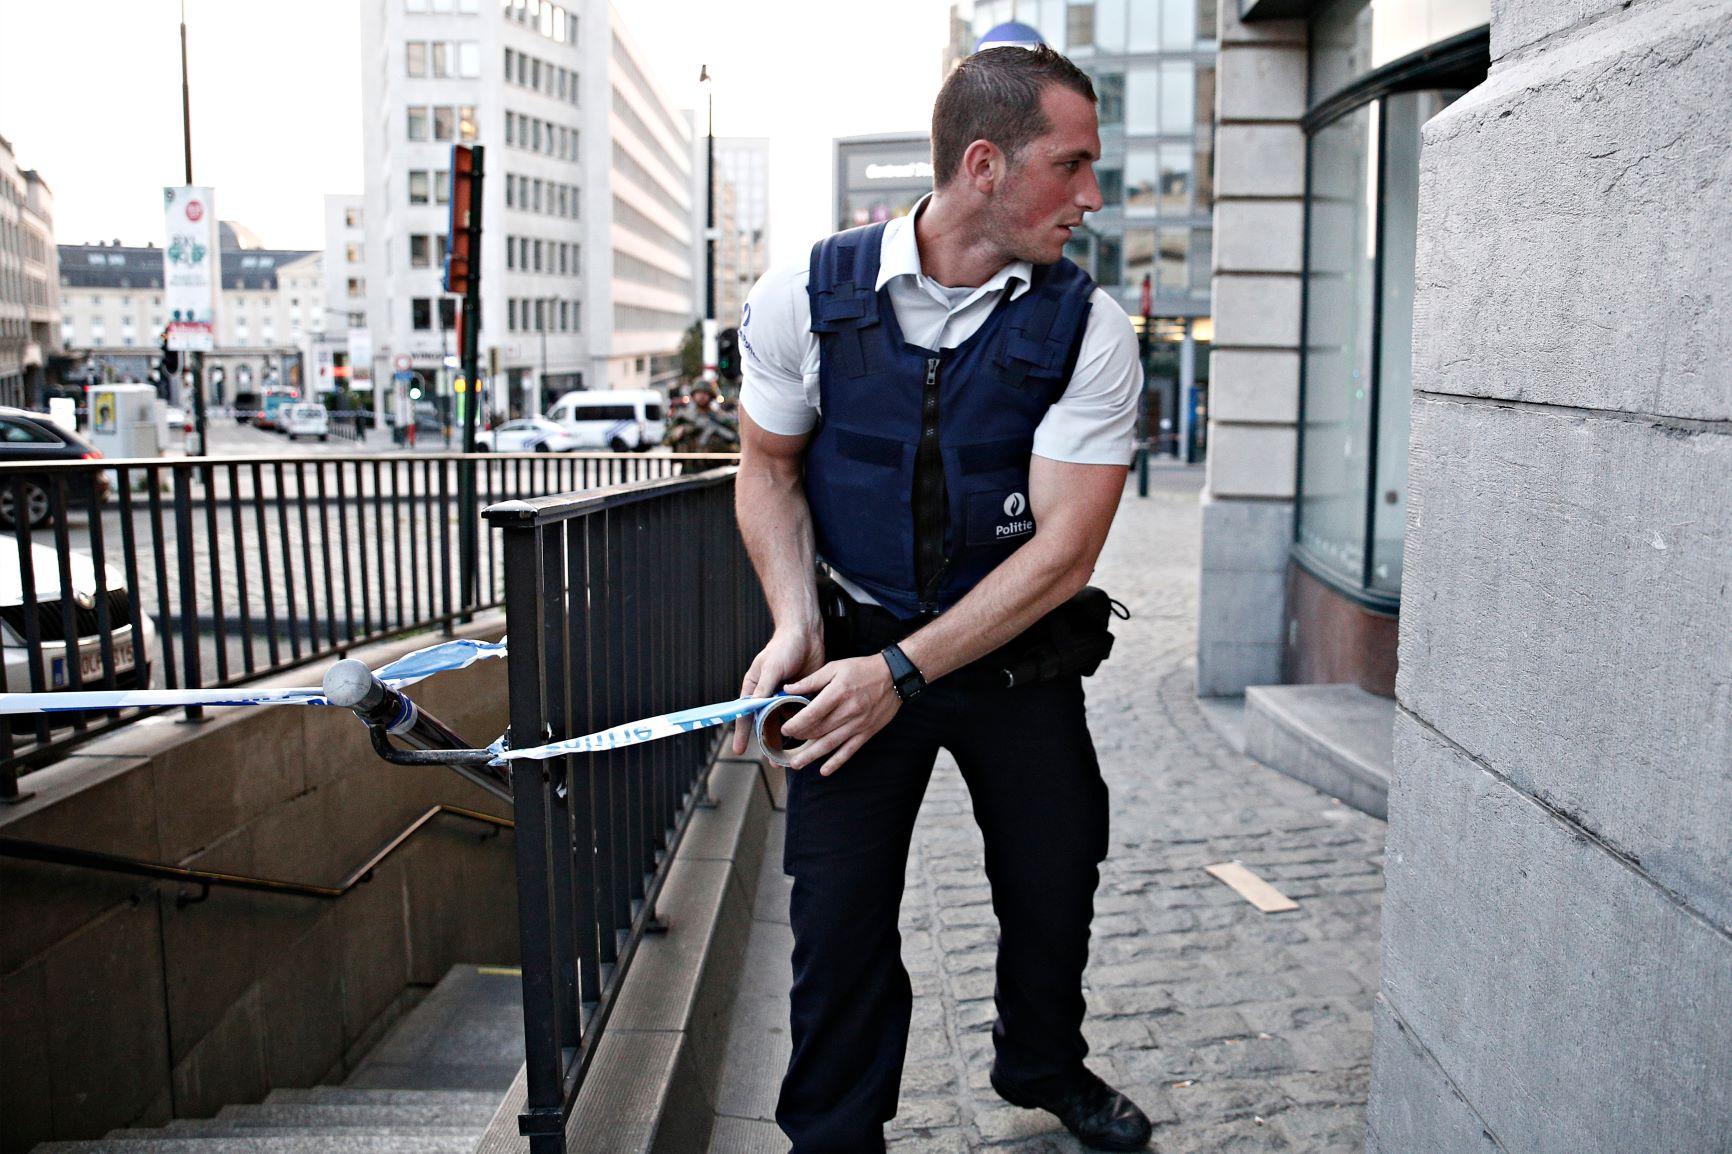 VSOA Politie herhaalt haar standpunt in drie belangrijke dossiers